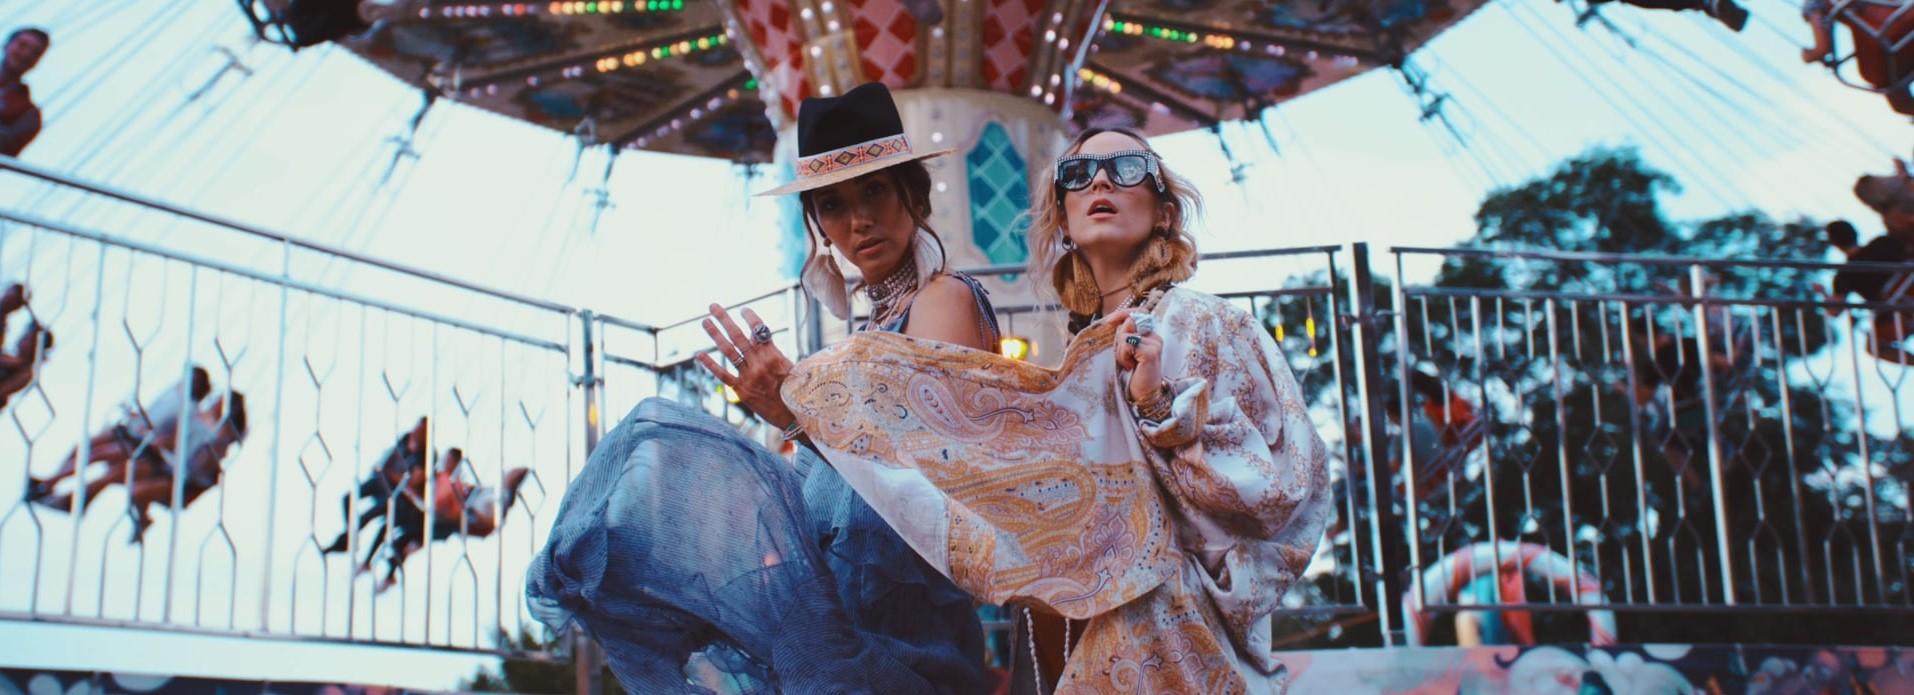 Festival Reel